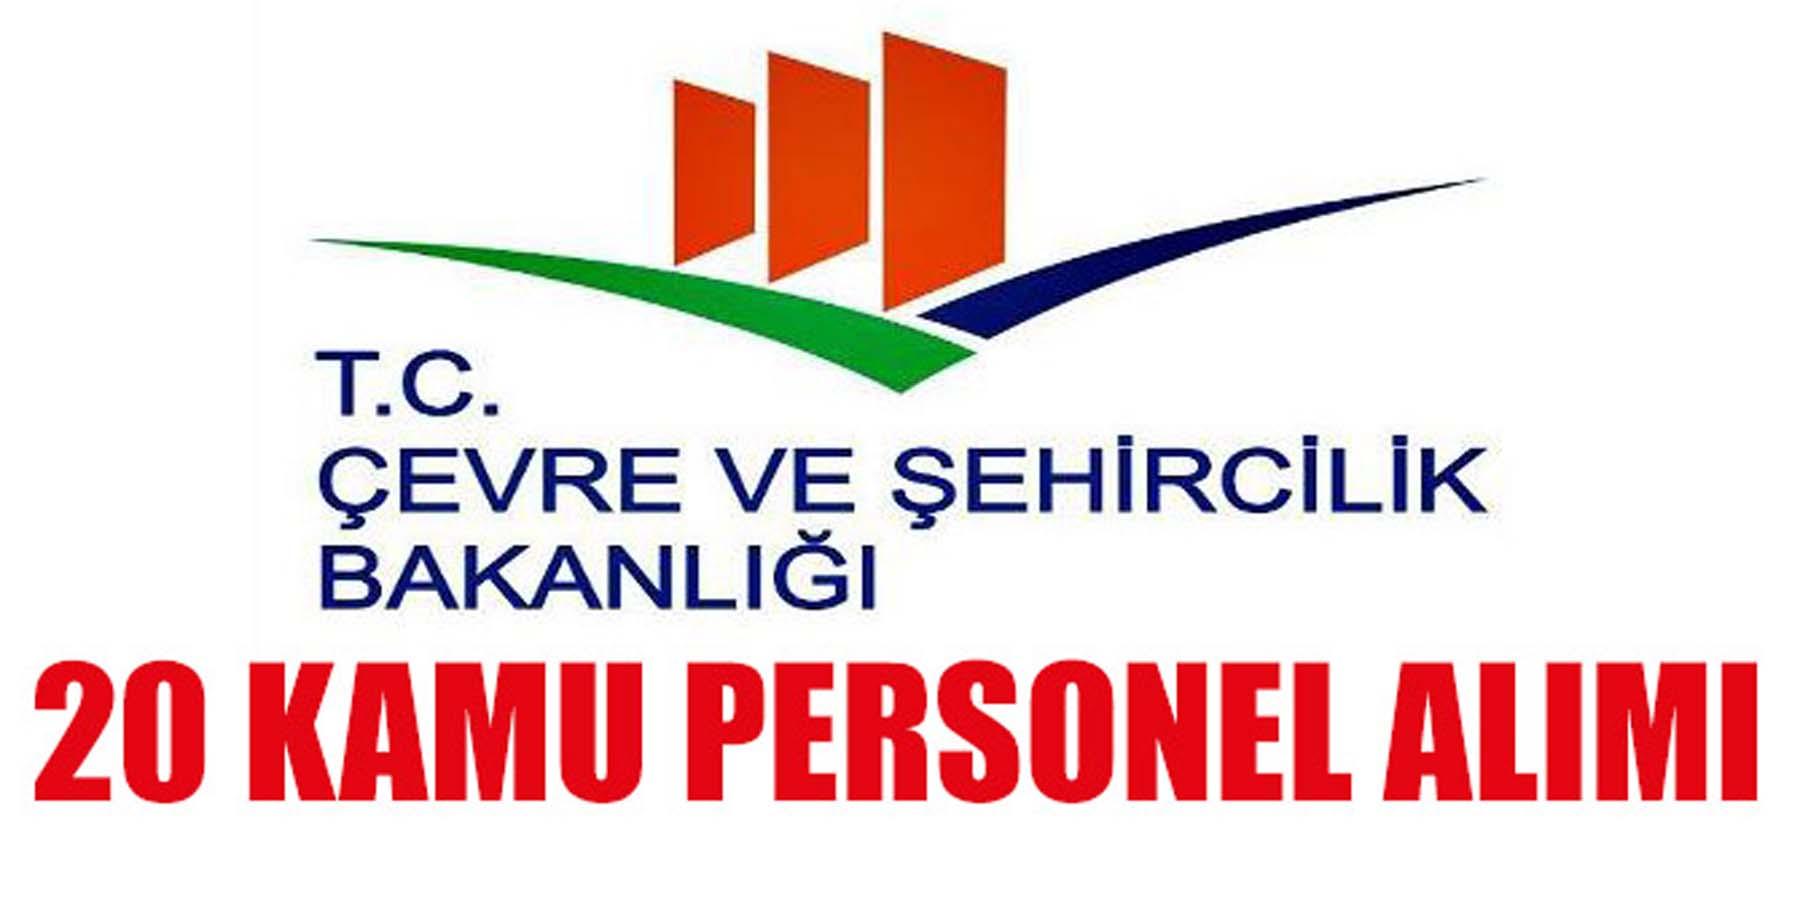 Çevre ve Şehircilik Bakanlığı 20 Kamu Personel Alımı